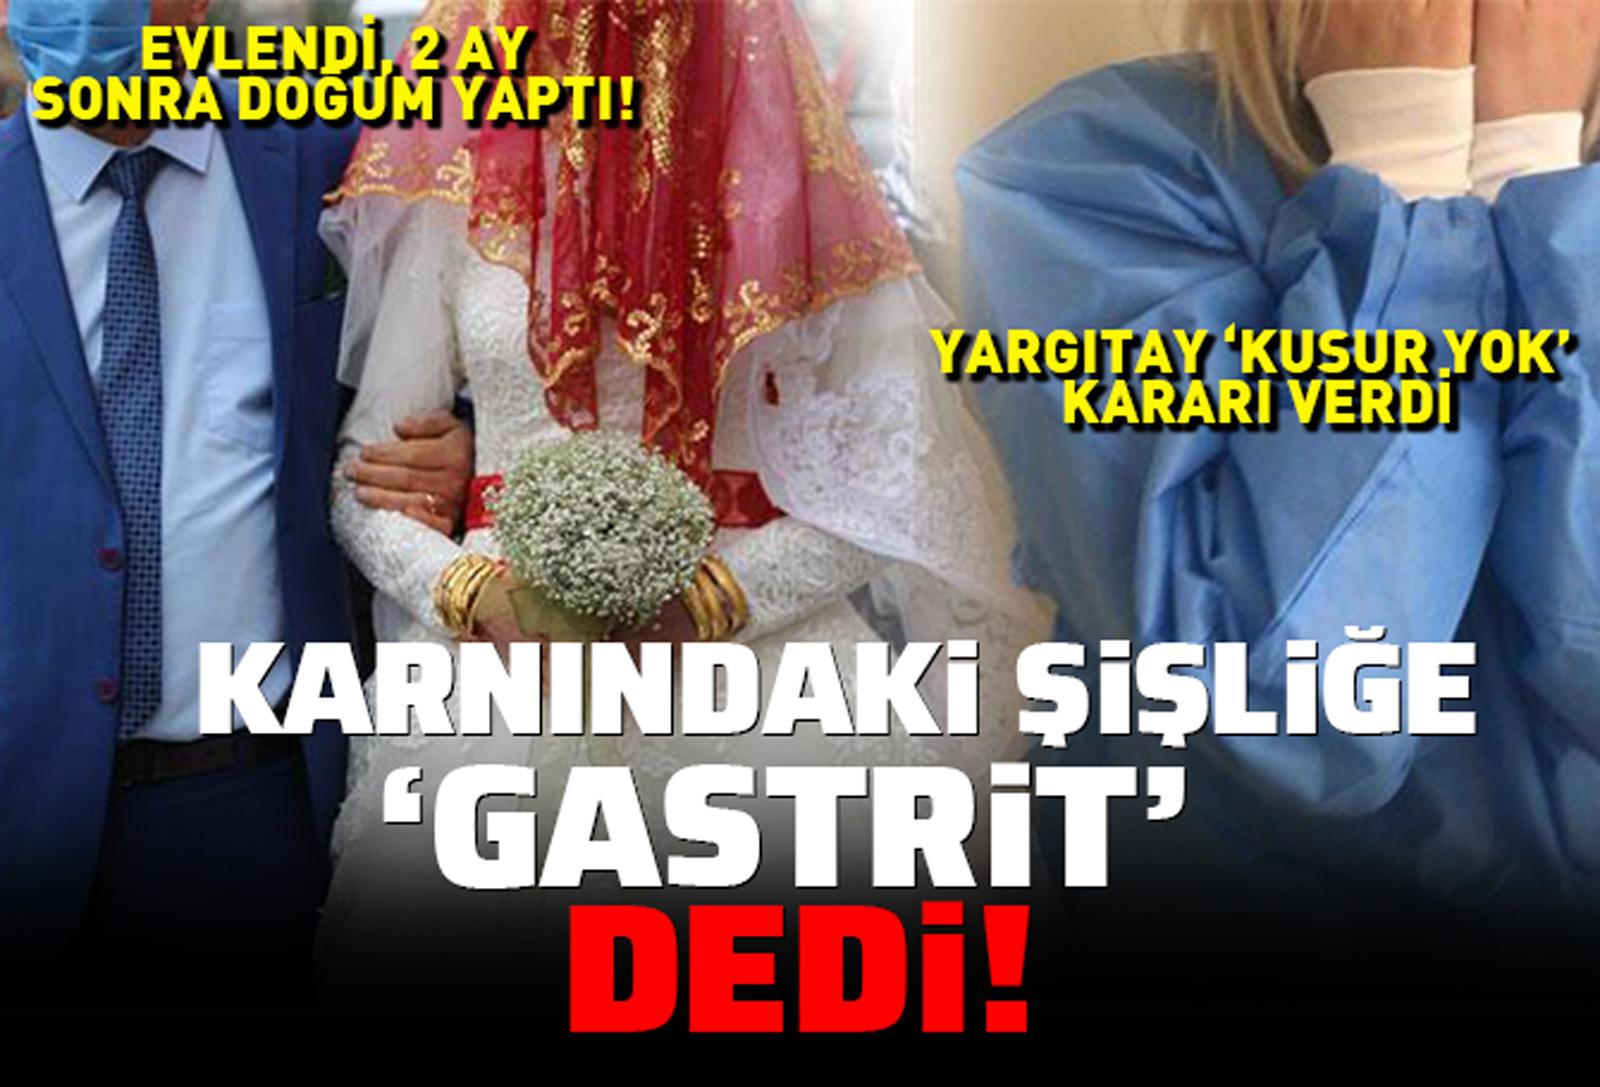 Evlendikten 2 ay sonra doğum yaptı! Yargıtay 'kusur yok' dedi!